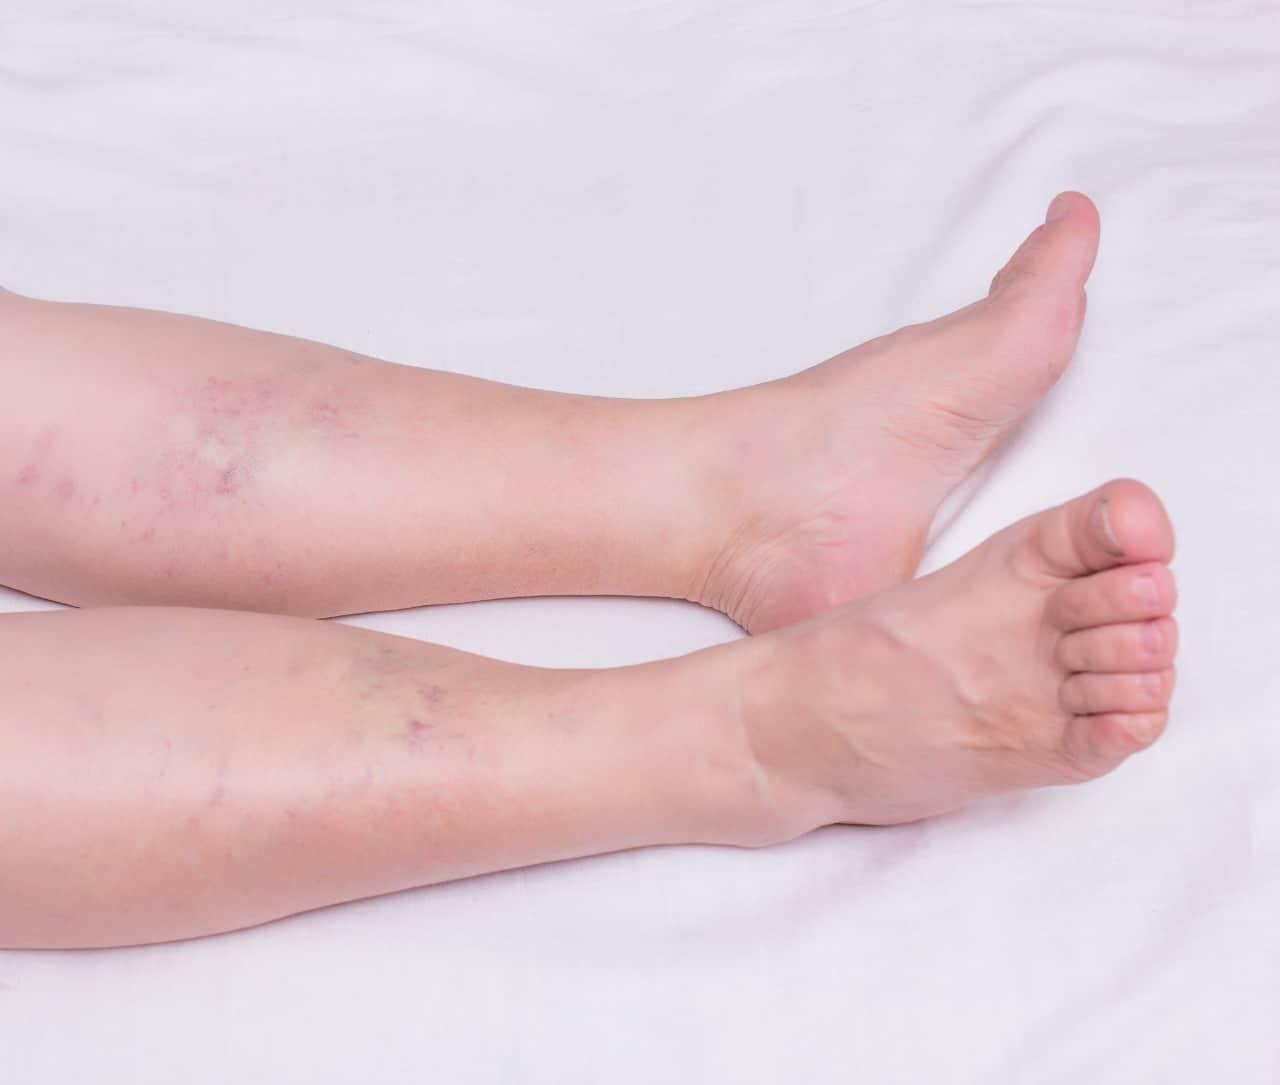 Dor no tornozelo: Principais causas e tratamentos